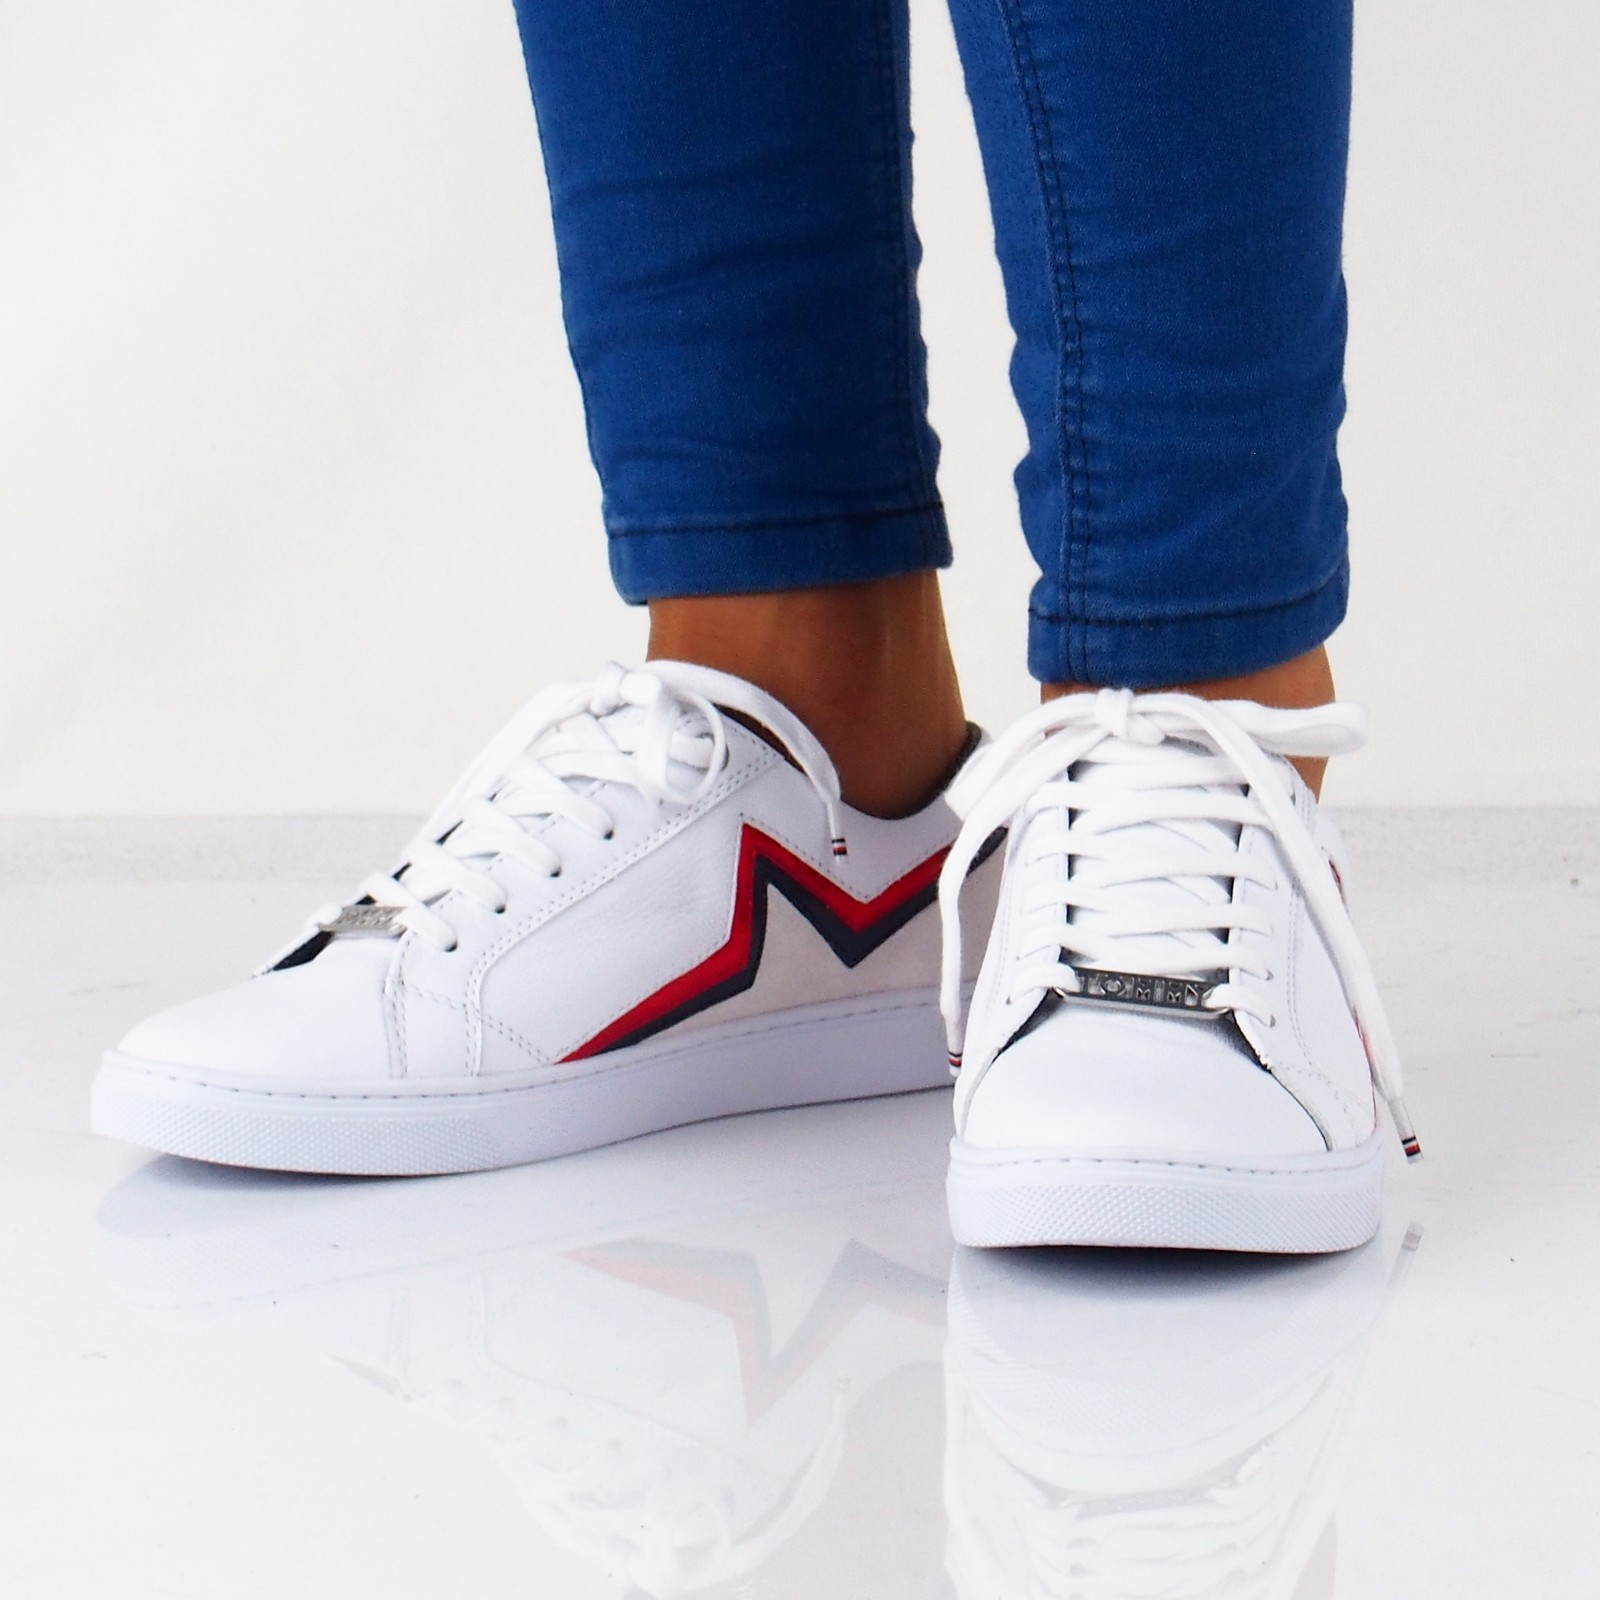 496f080883 Tommy Hilfiger dámske štýlové tenisky - biele ...